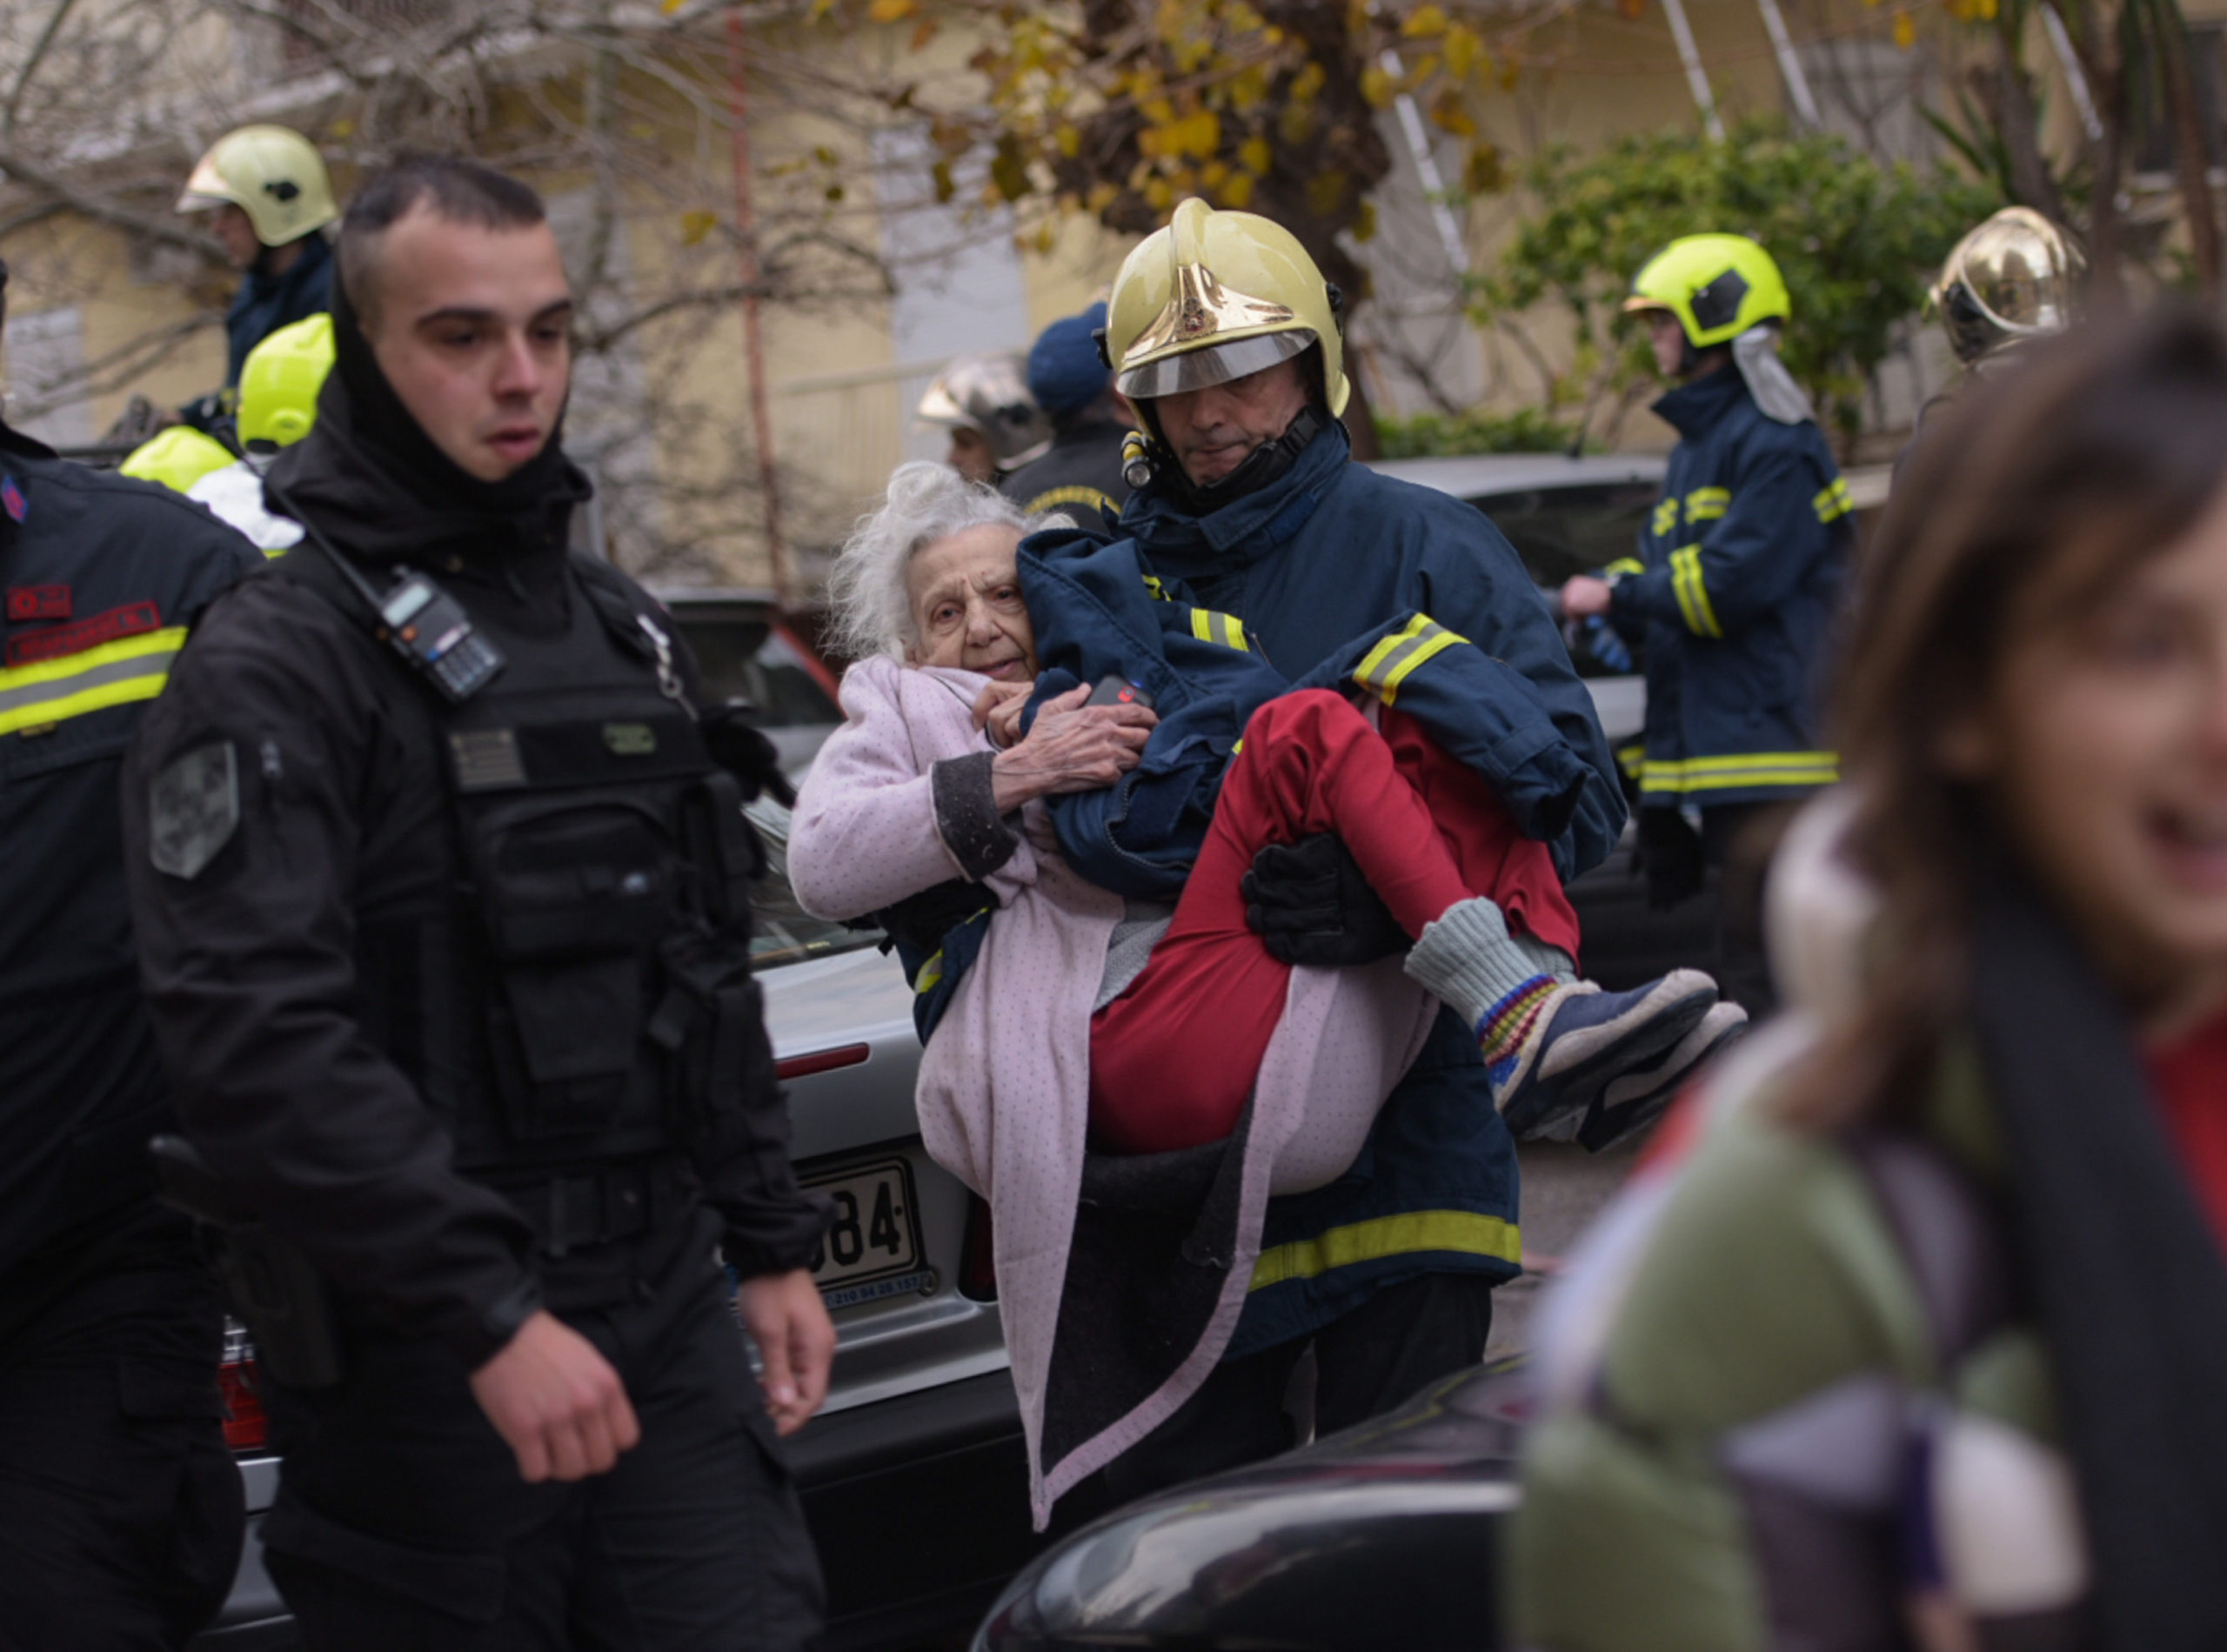 """Παλαιό Φάληρο: Μεγάλη φωτιά σε σπίτι! Συγκλονιστικοί απεγκλωβισμοί γυναικών - """"Έπνιξαν"""" την περιοχή οι καπνοί"""